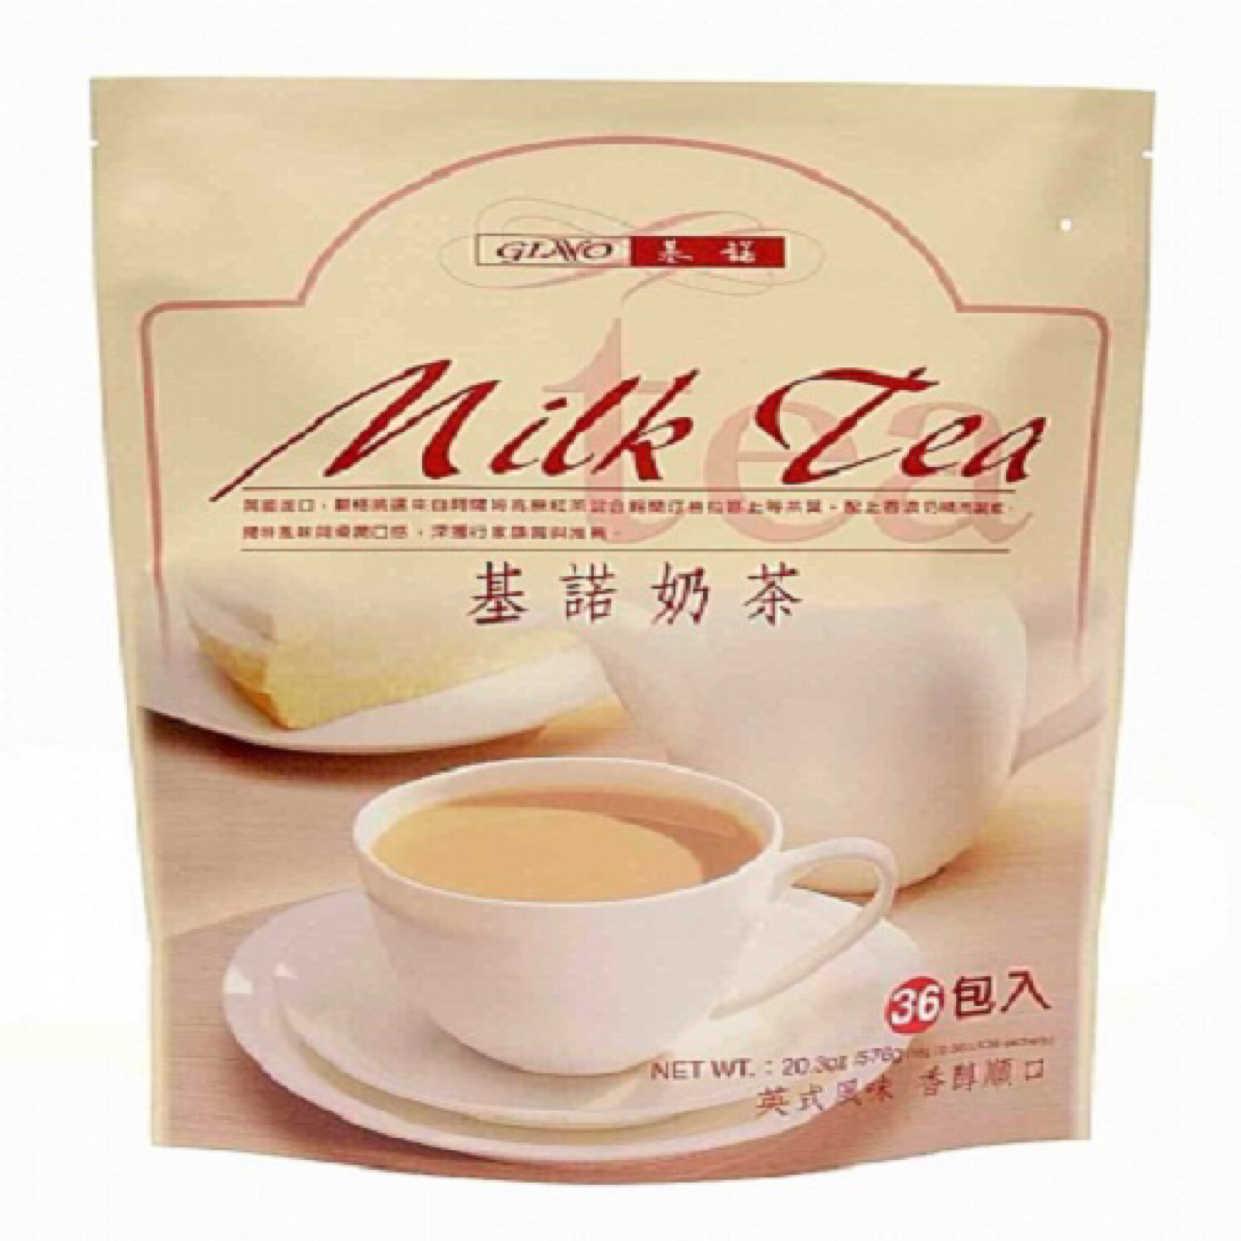 基諾奶茶隨身包(16公克 × 36包)